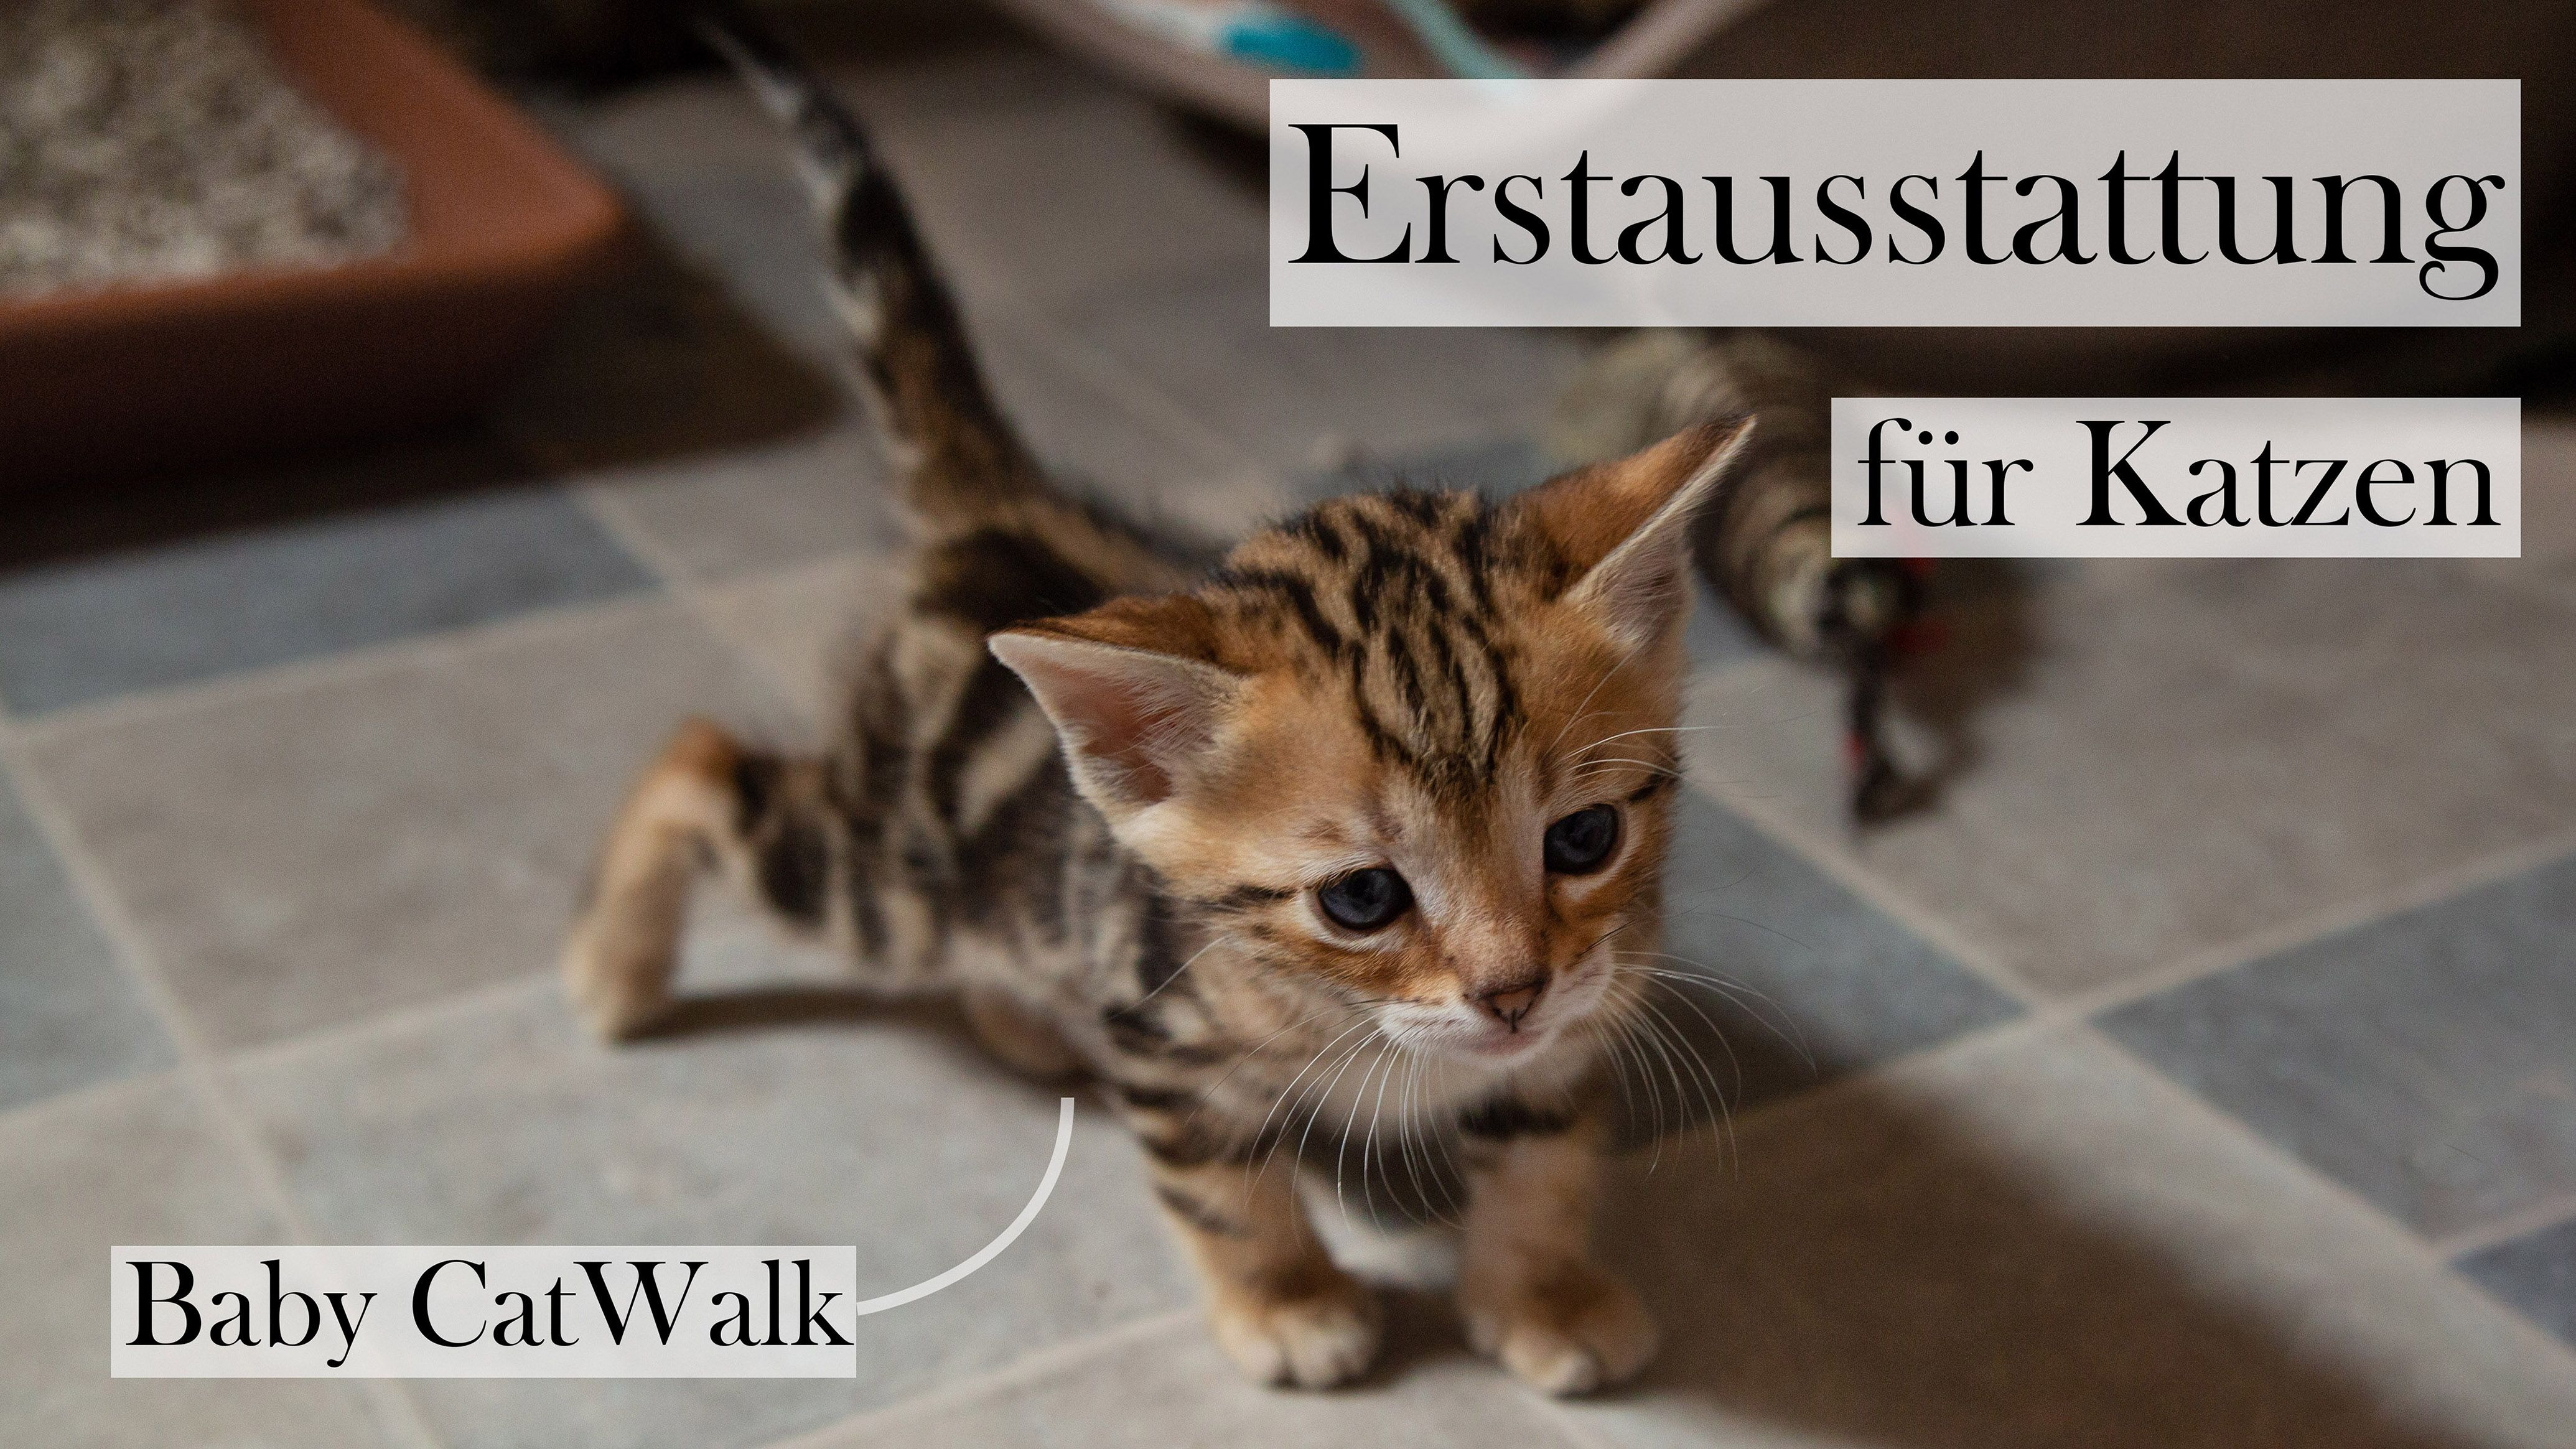 Es Zieht Eine Katze Bei Dir Ein Die Erstausstattung Fur Katzen Ist Besonders Wichtig Und Deswegen Gibt Es Eine Checklist Katzen Baby Katzen Katze Aus Tierheim